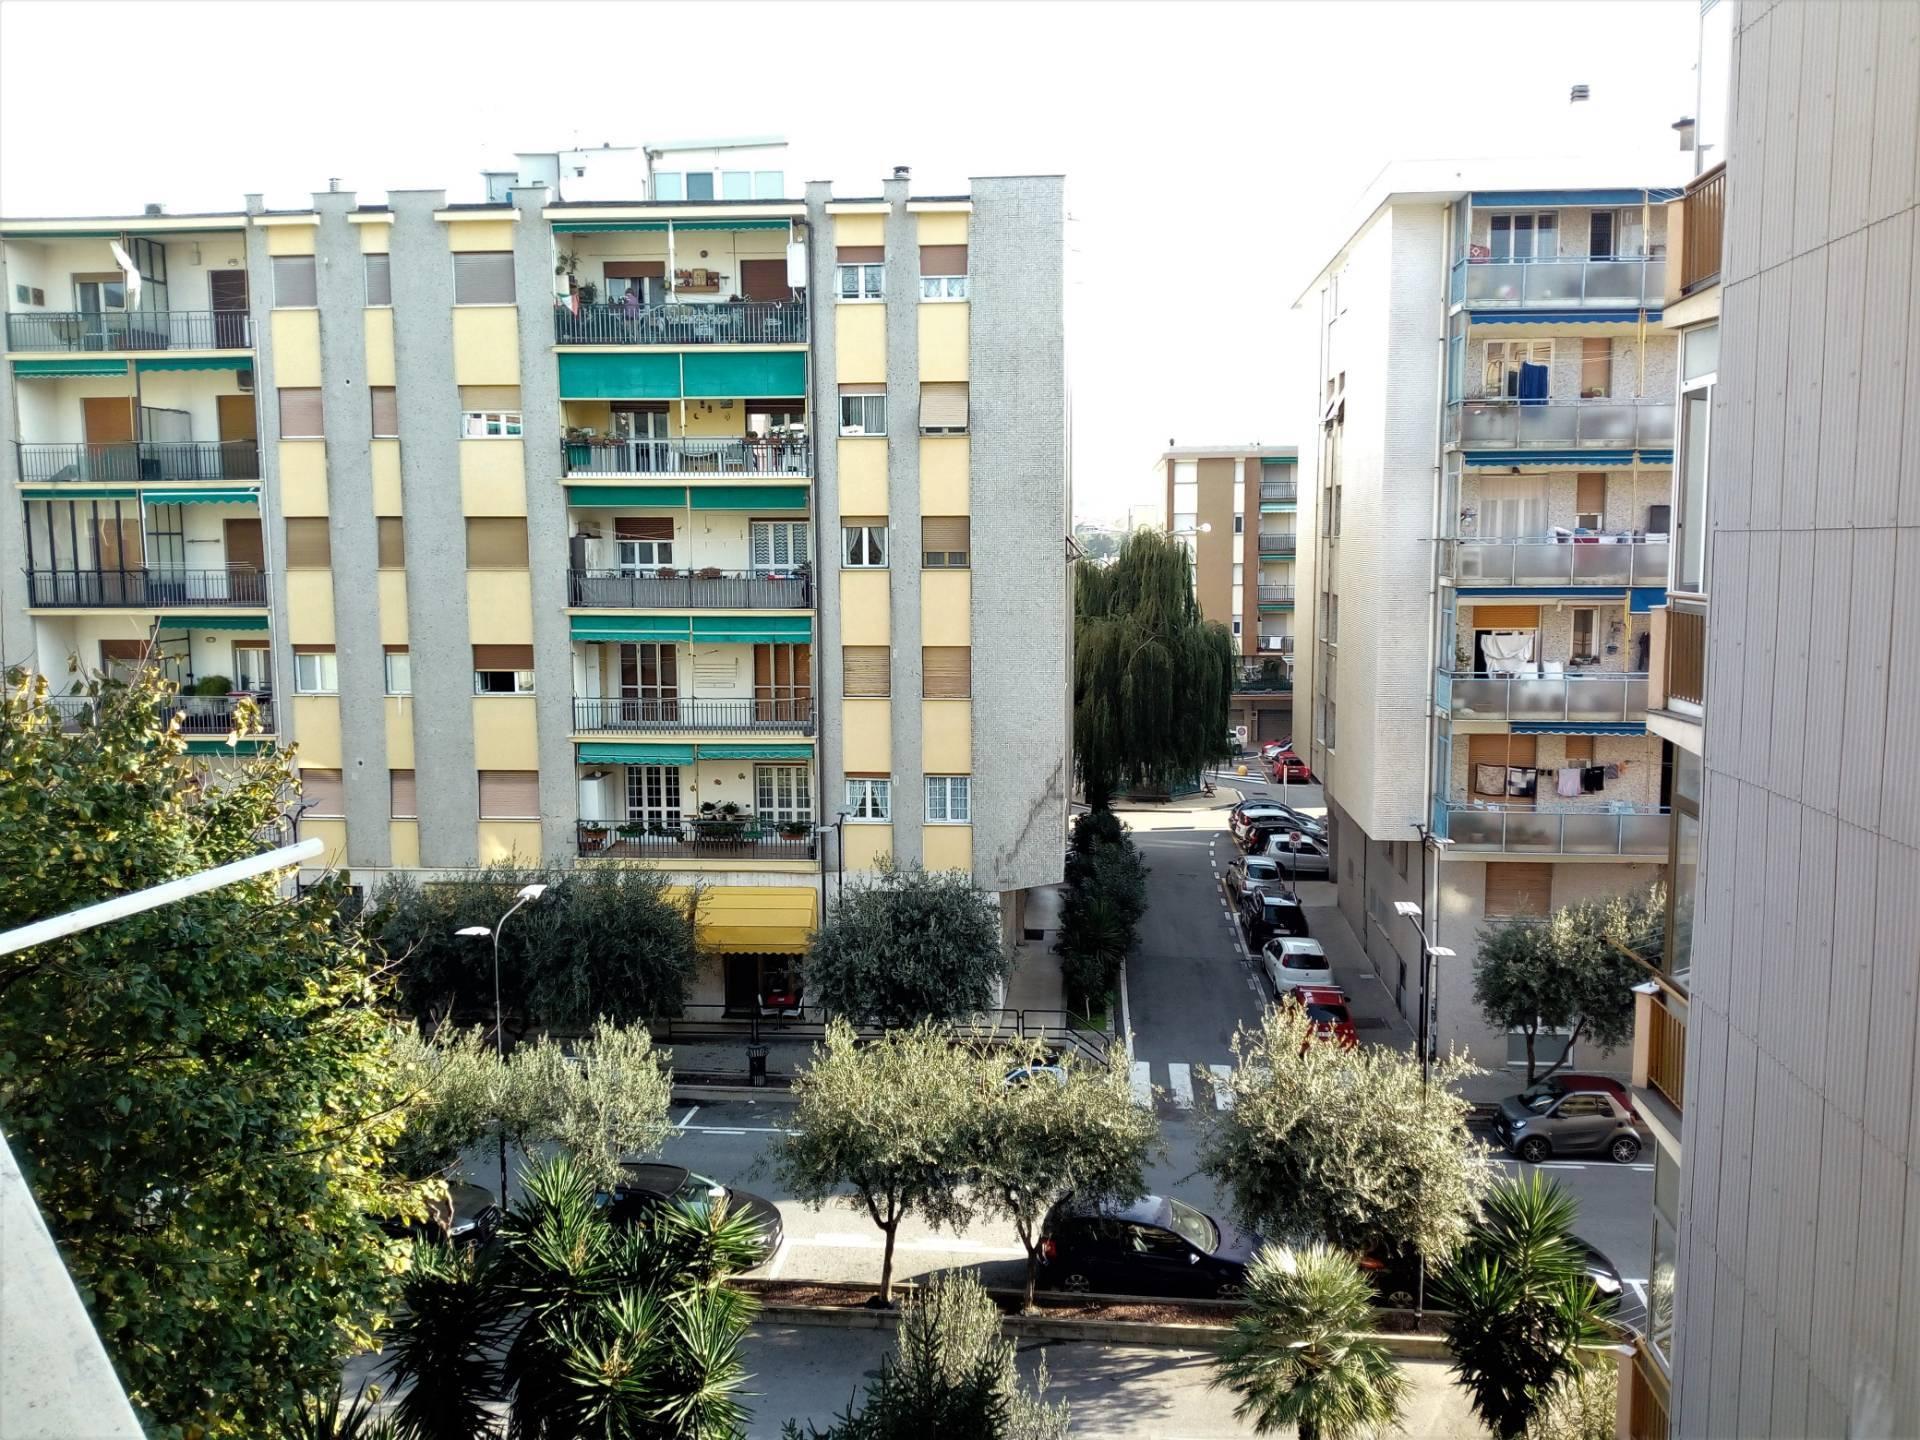 Appartamento in affitto a Albissola Marina, 2 locali, zona Località: Centro/mare, prezzo € 560 | PortaleAgenzieImmobiliari.it